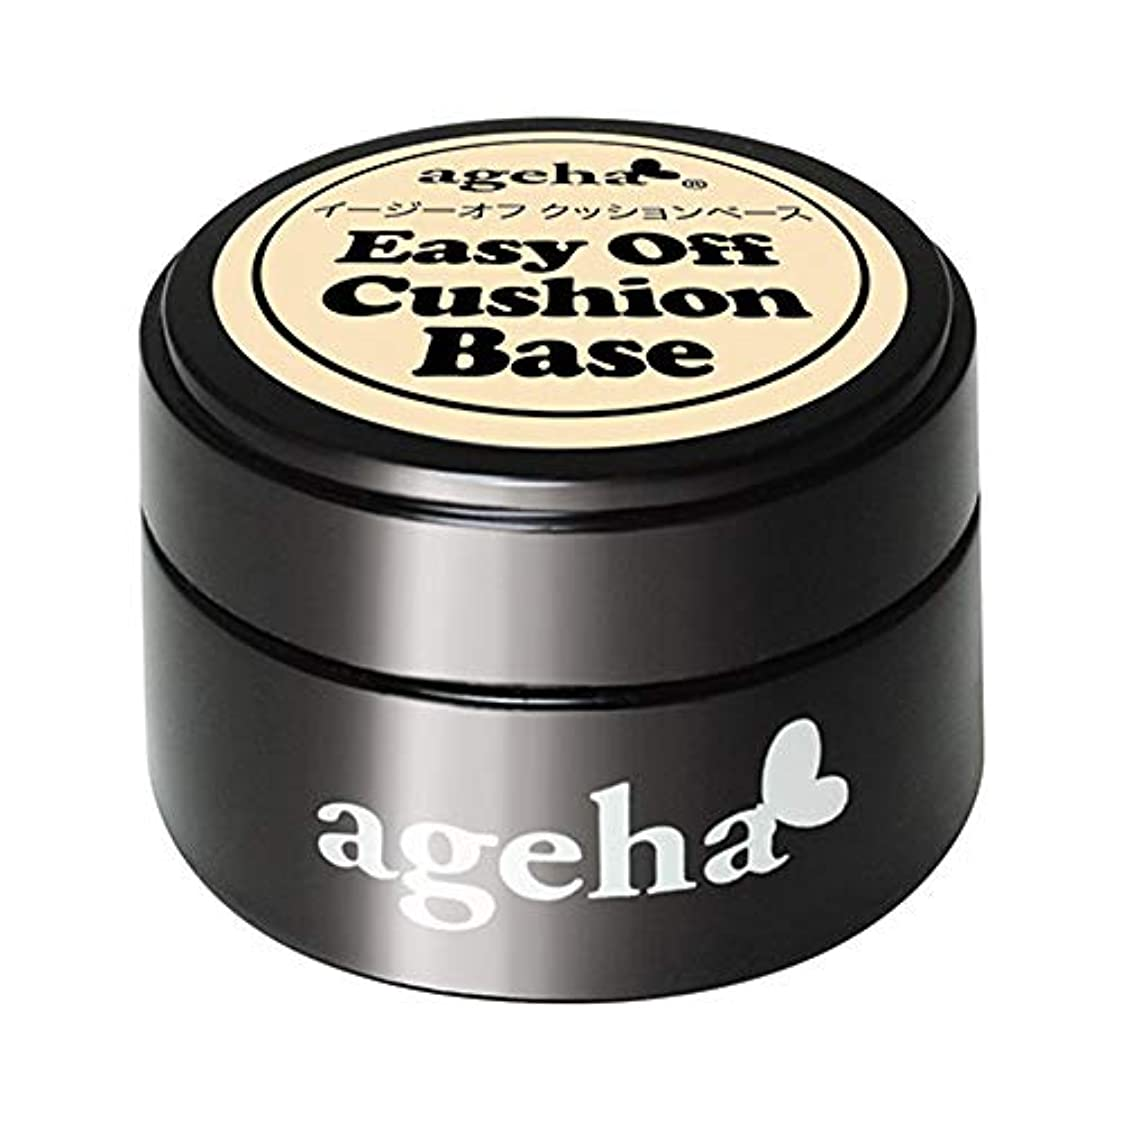 反対する密度姉妹agehagel(アゲハジェル) ageha イージーオフ クッションベース 7.5g UV/LED対応 ジェルネイル